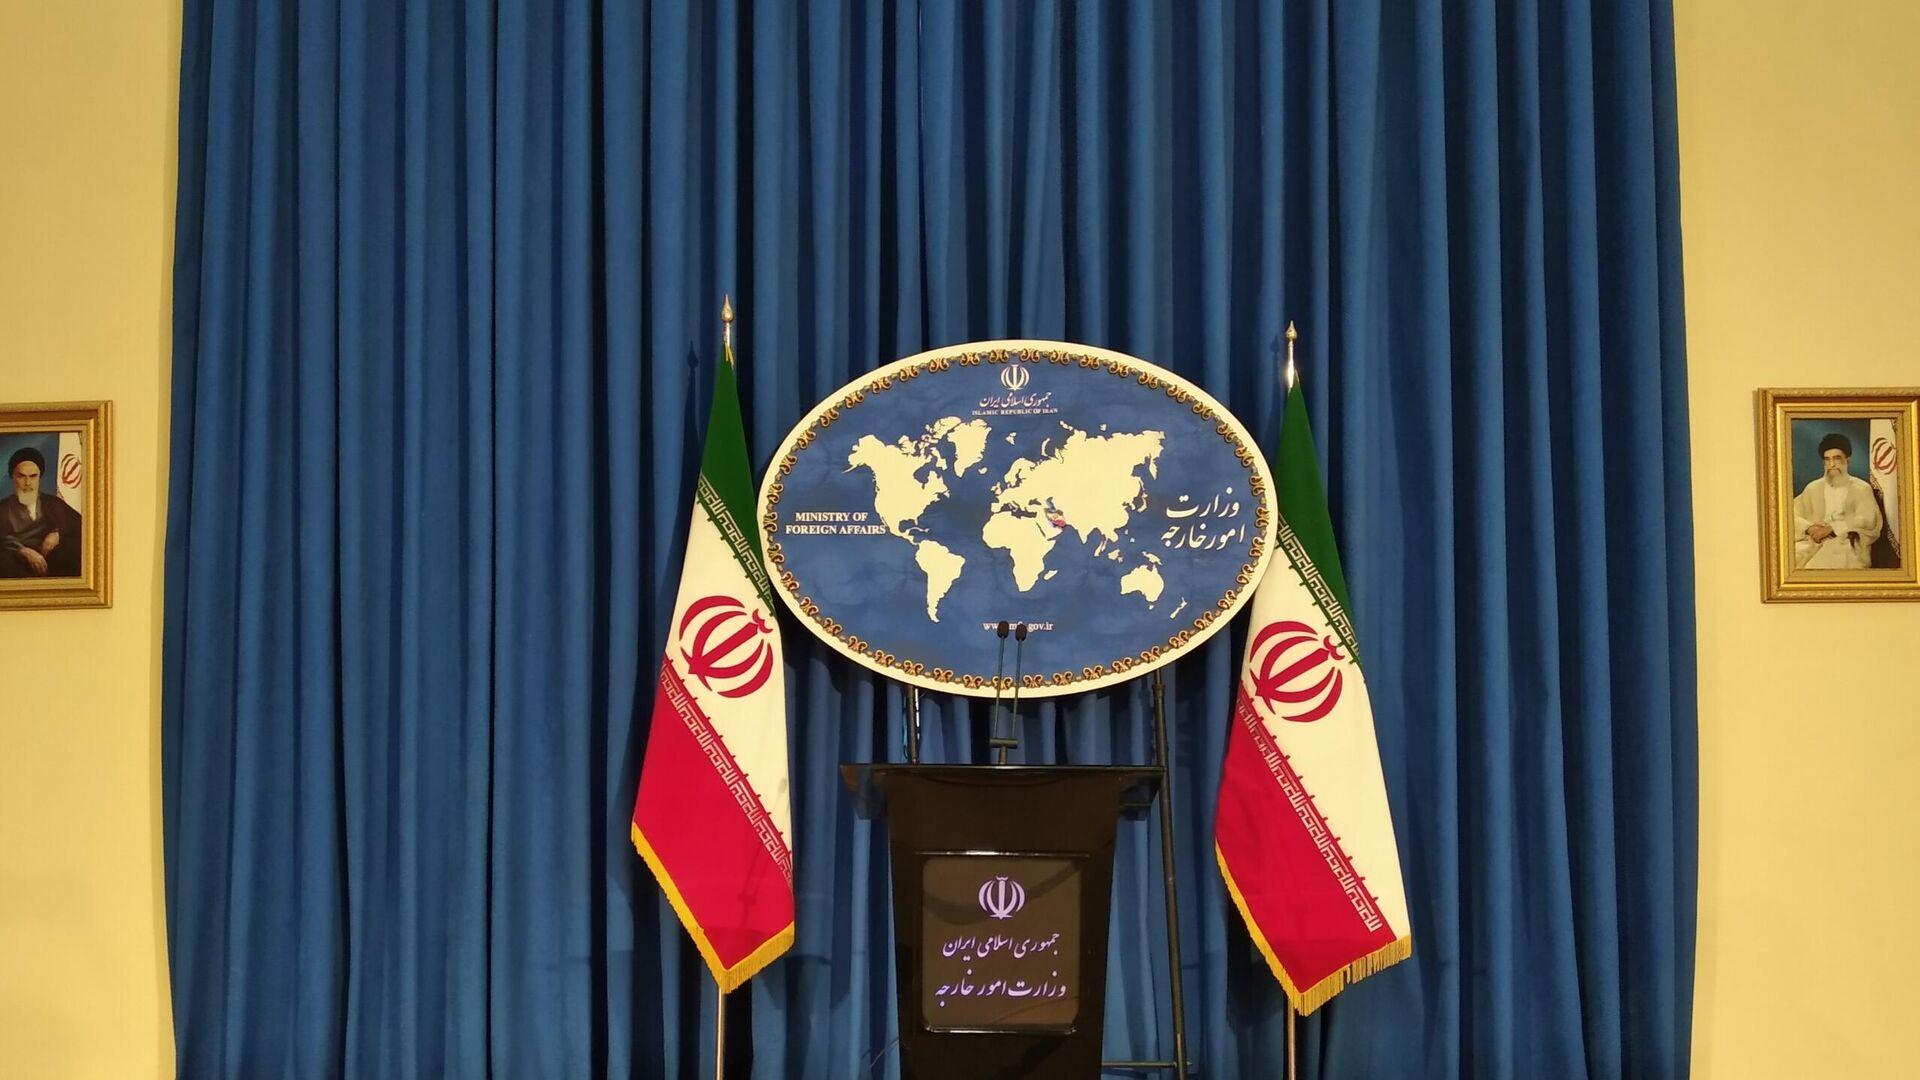 Зал проведения пресс-конференций МИД Ирана, Тегеран - РИА Новости, 1920, 24.05.2021